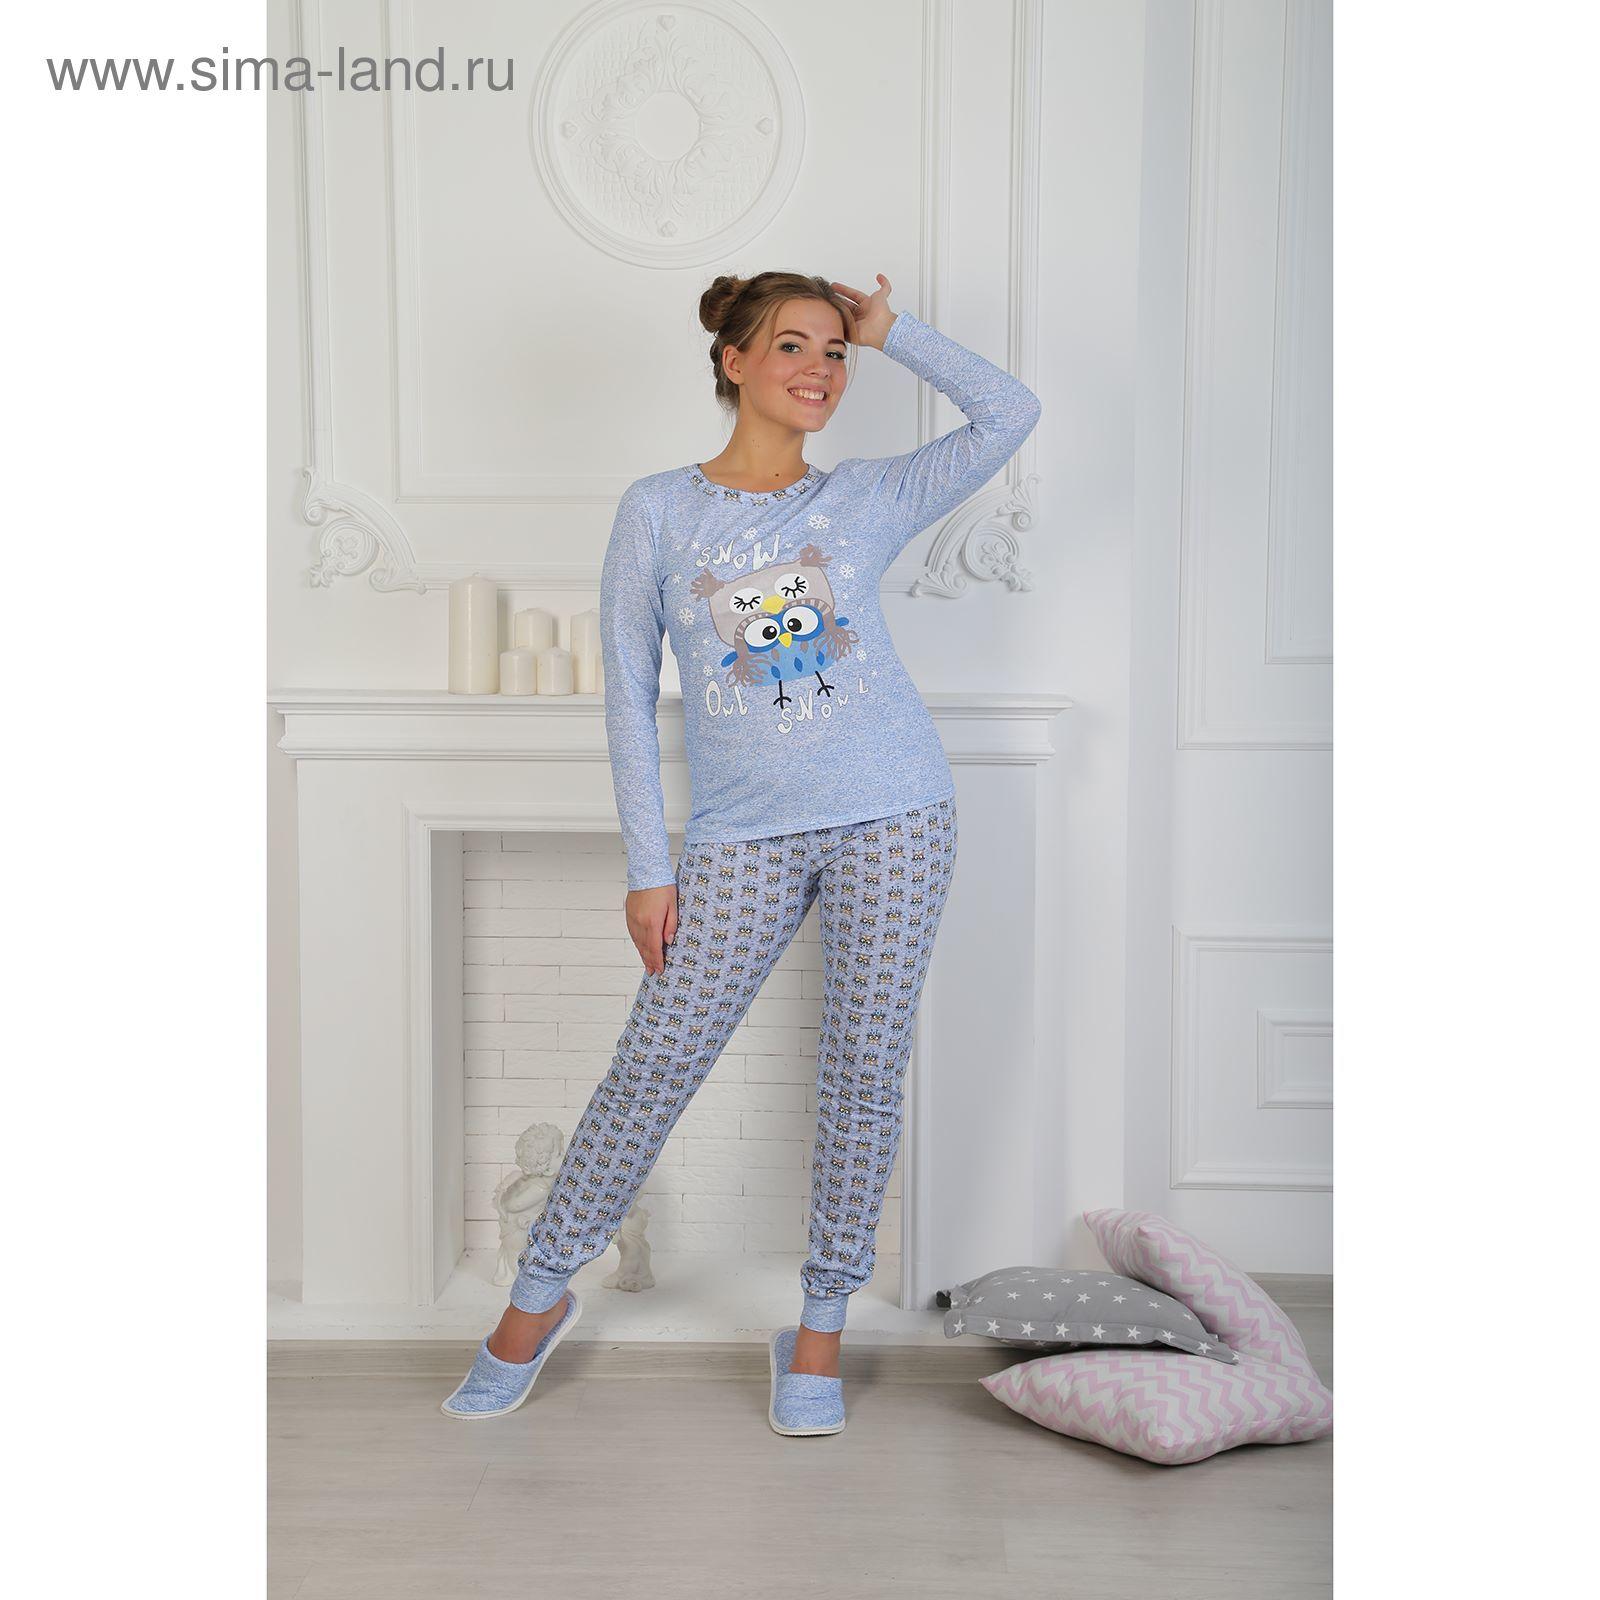 Пижама женская (джемпер d21ad2fffaf58